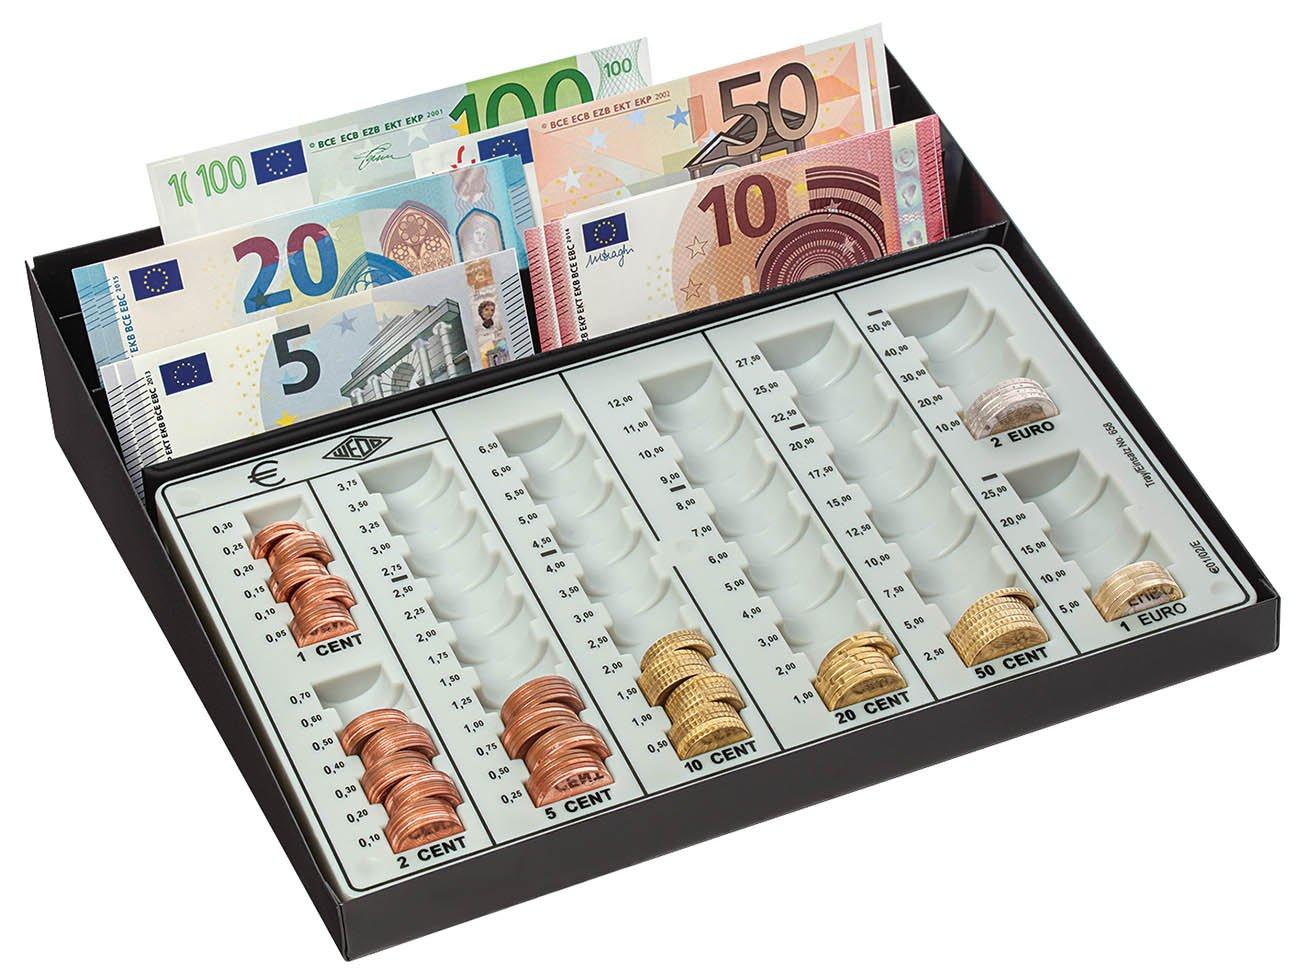 Wedo 160958049 Cassa Contanti, Colonne Fisse, 270 x 255 x 65 mm, Nero/Bianco Werner Dorsch GmbH